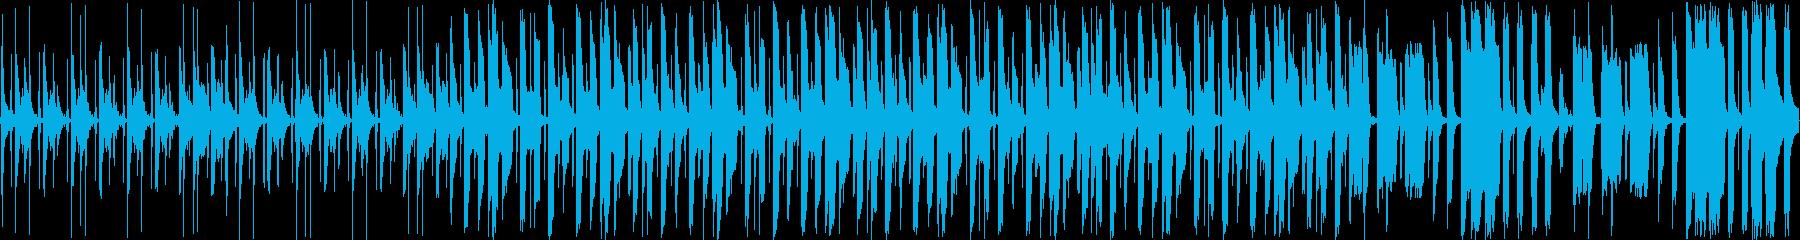 【ループ】おもちゃの音楽会、陽気なBGMの再生済みの波形